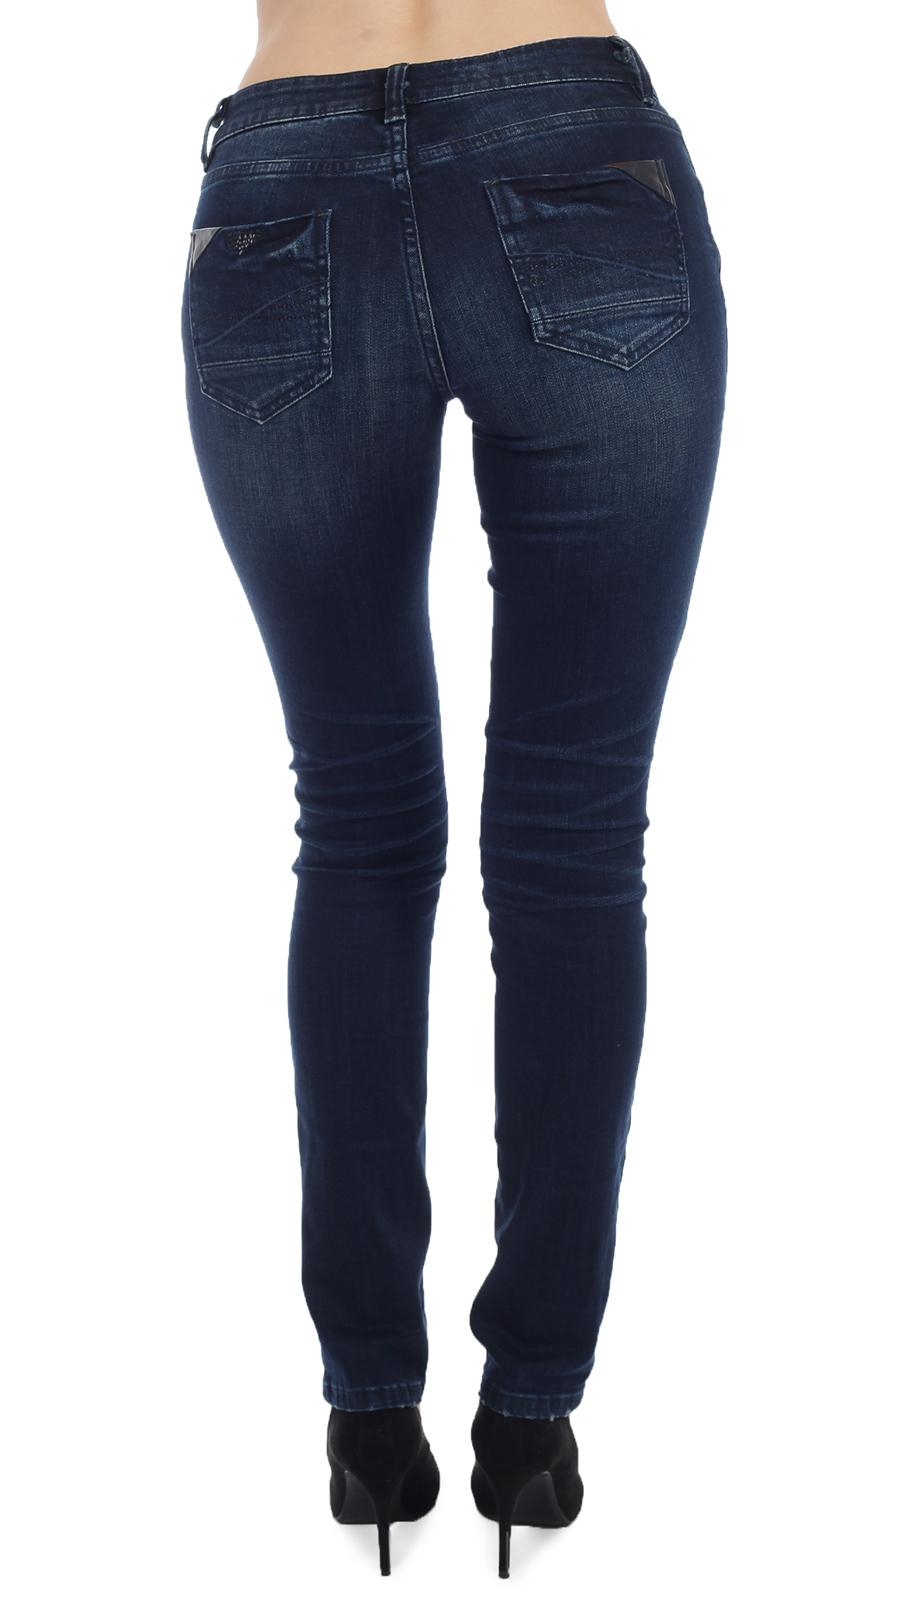 Самые недорогие женские джинсы представлены в каталоге сайта Военпро